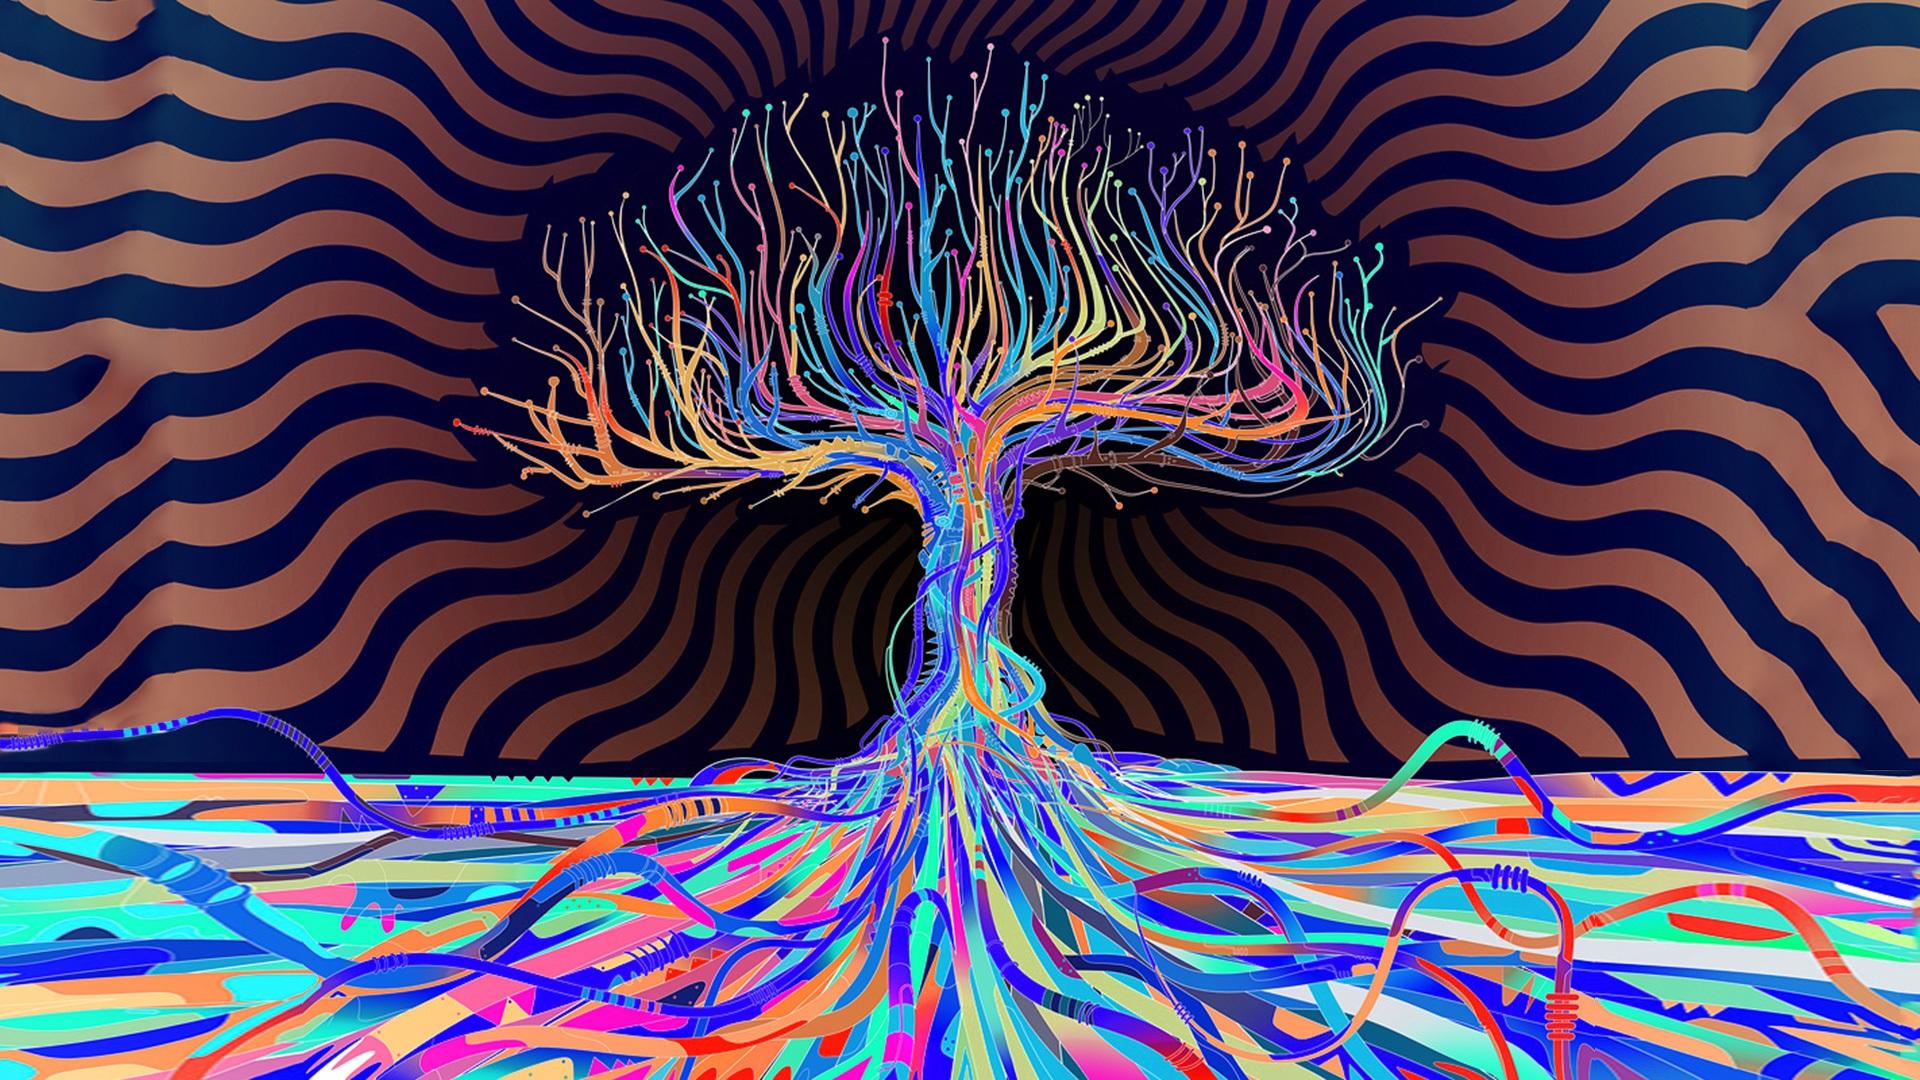 Dark psychedelic wallpaper 1920x1080